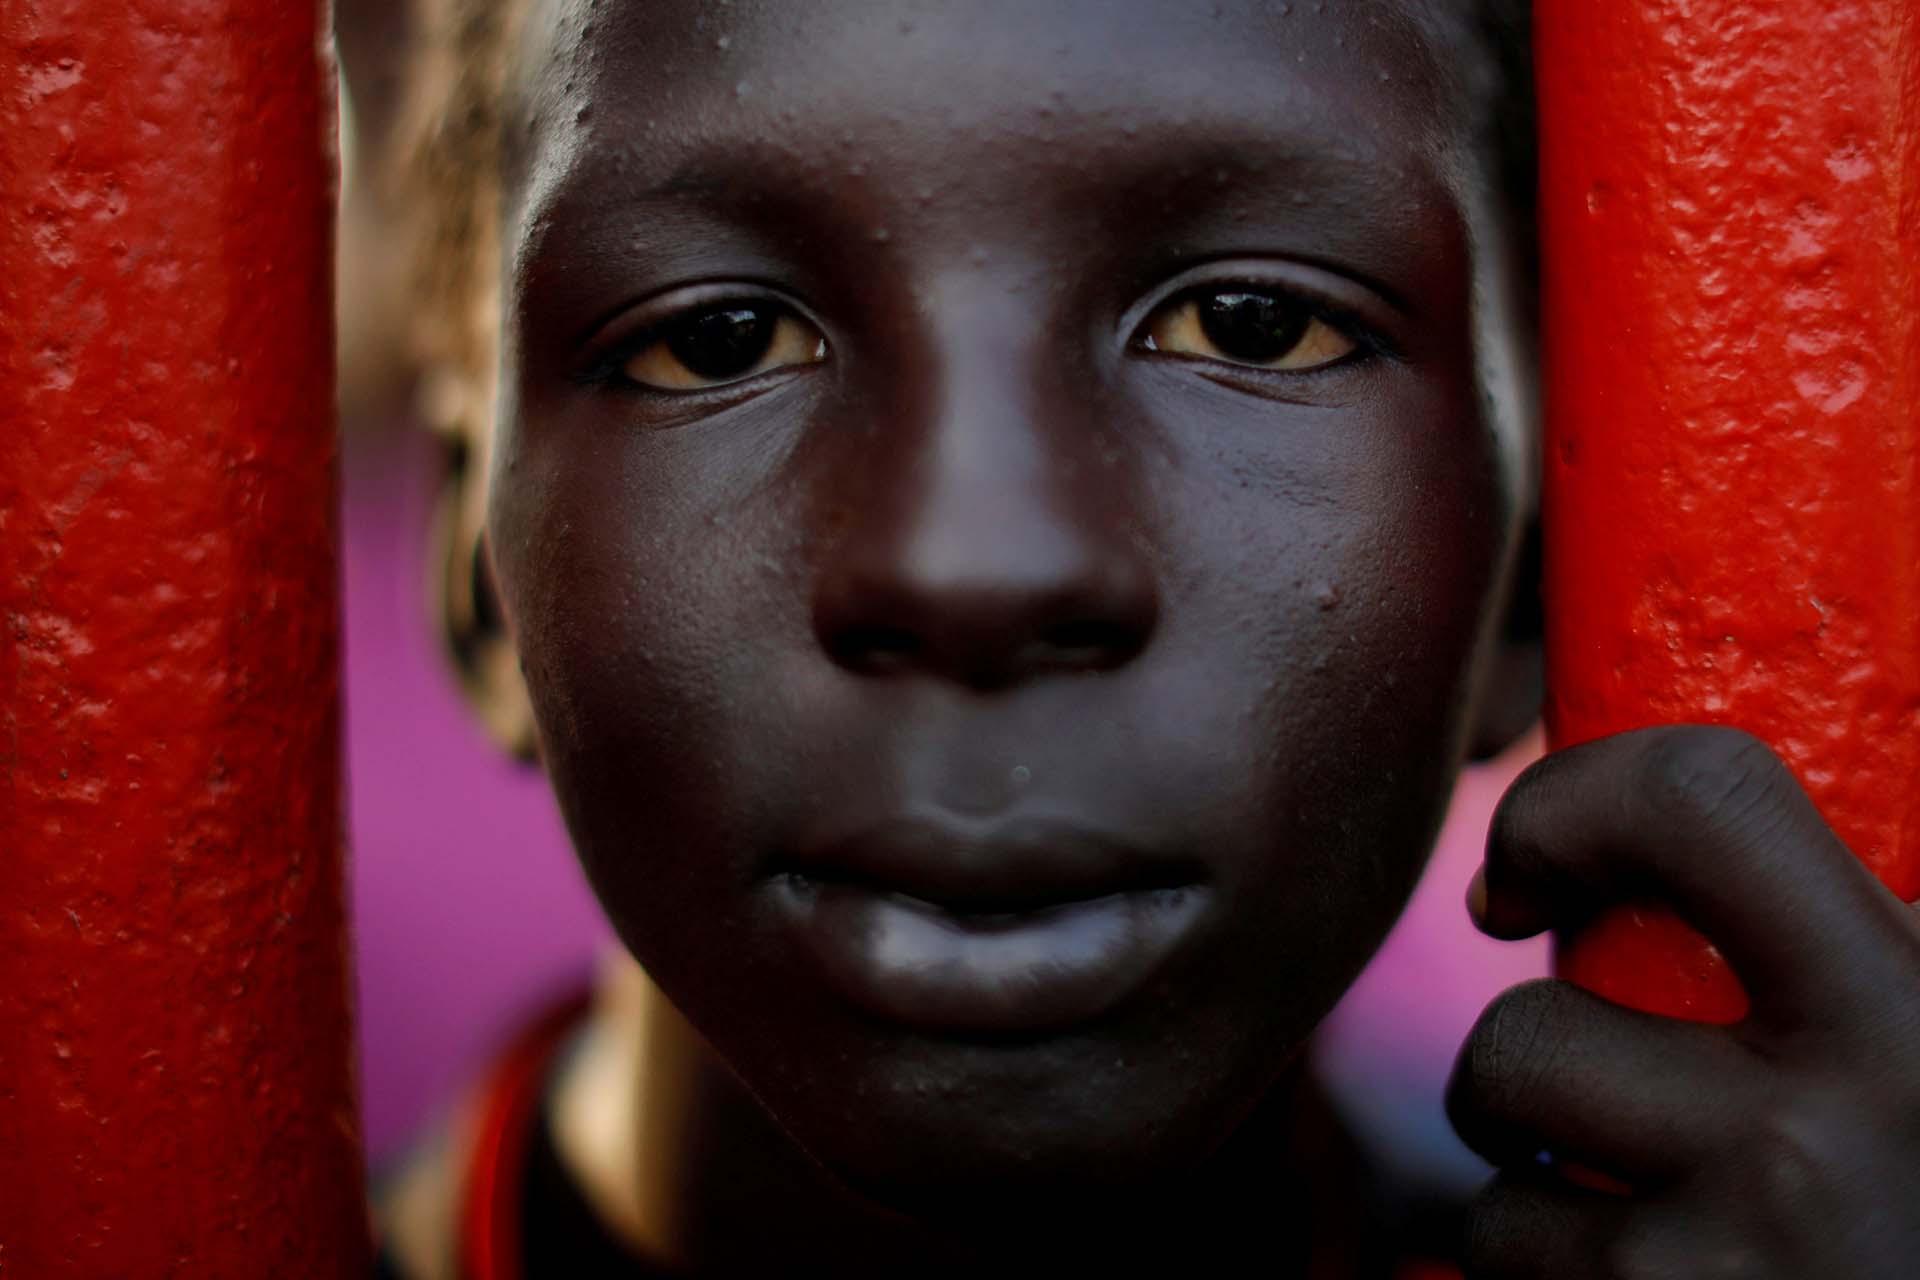 Jonathan Rodríguez, un niño migrante de siete años, parte de una caravana que viaja desde América Central en ruta a los Estados Unidosy descansa en un campamento improvisado en Matías Romero, México, el 9 de noviembre